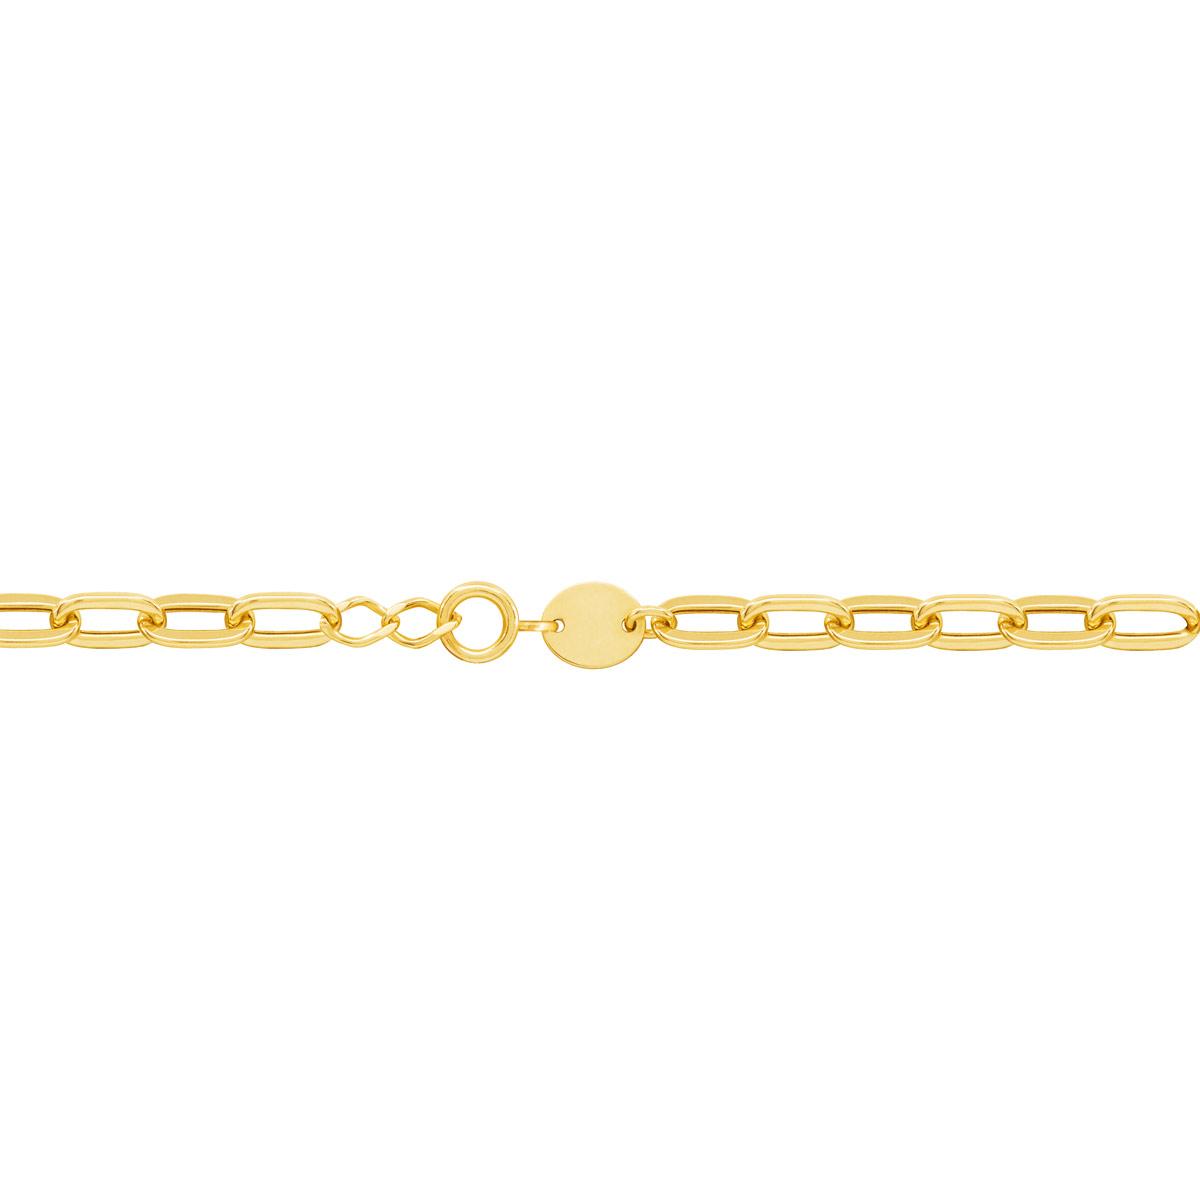 دستبند طلا زنجیر حلقه ای پرسته